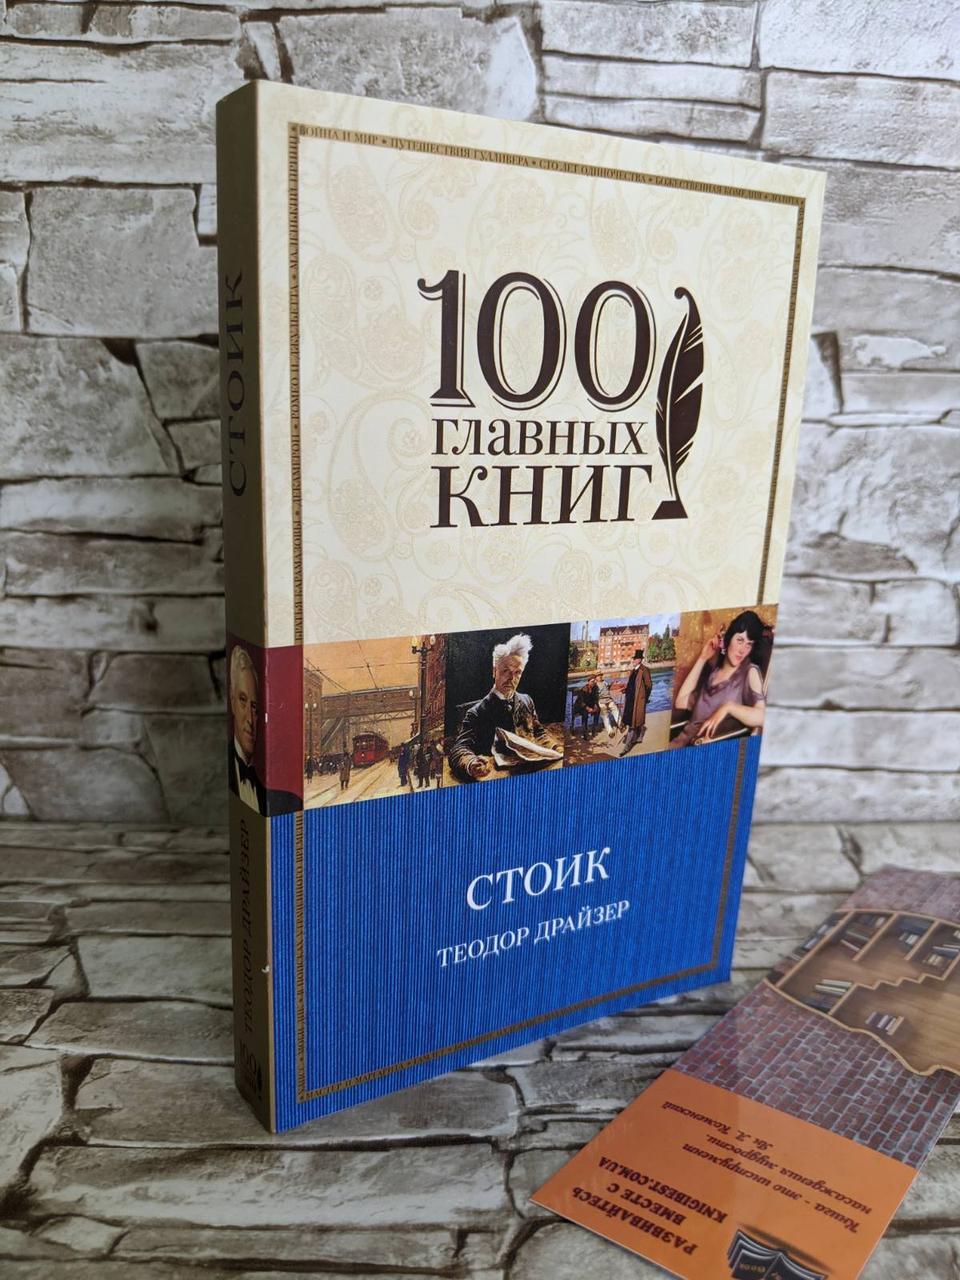 """Книга """"Стоик"""" Теодор Драйзер (100 главных книг)"""